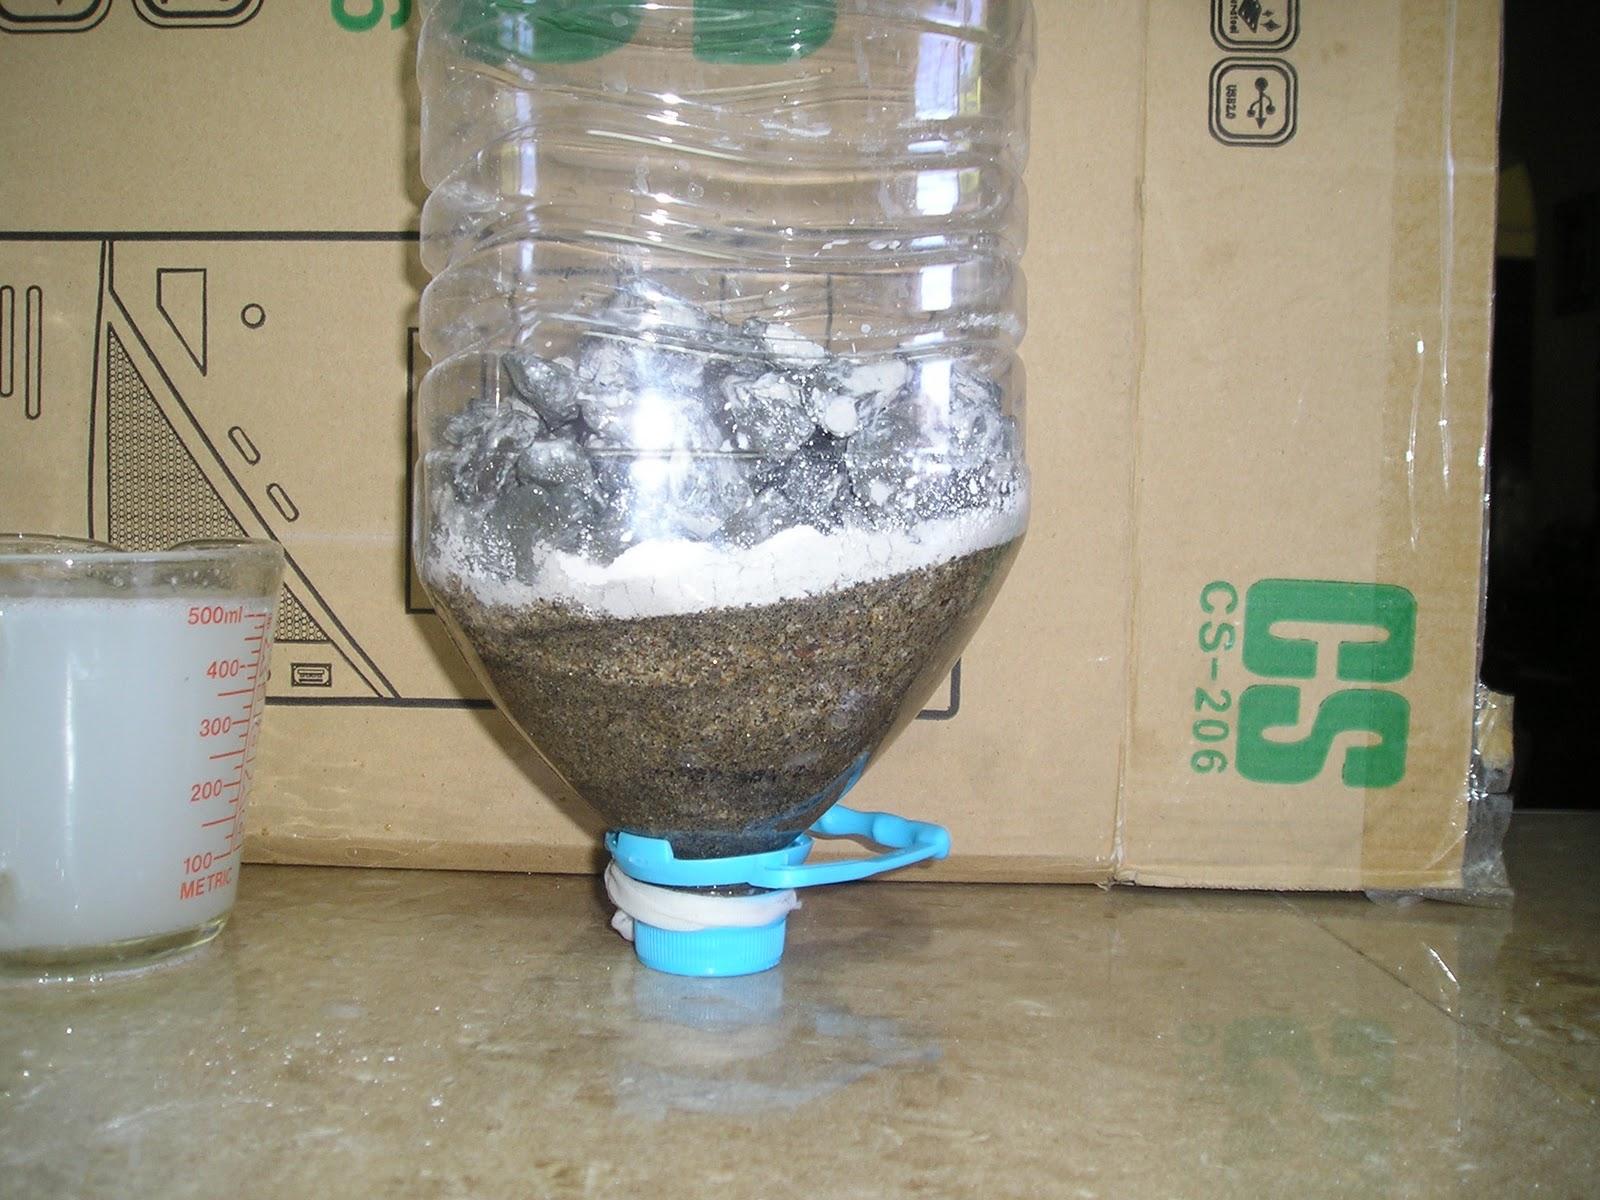 Reciclar el agua filtracion de aguas grisis con cal - Quitar cal del agua ...